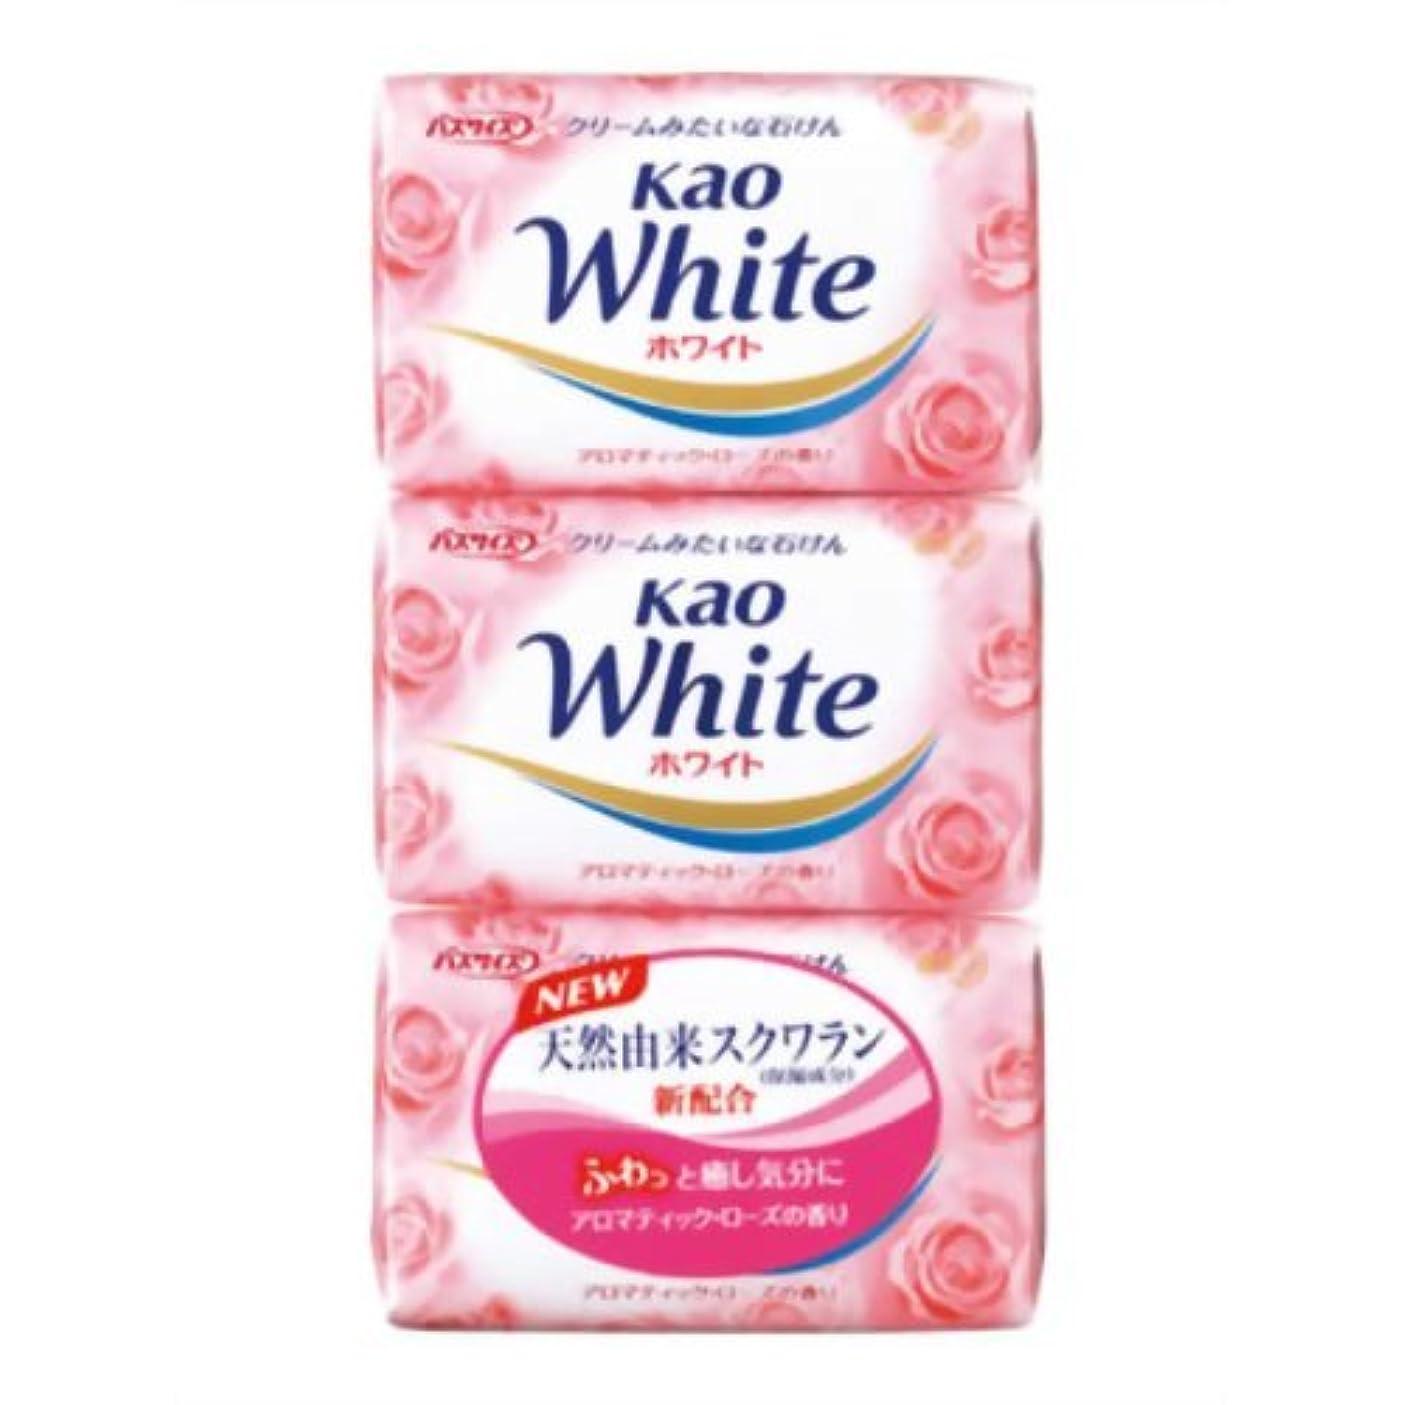 然とした雲の中で花王ホワイト アロマティックローズの香り バスサイズ 130g*3個入